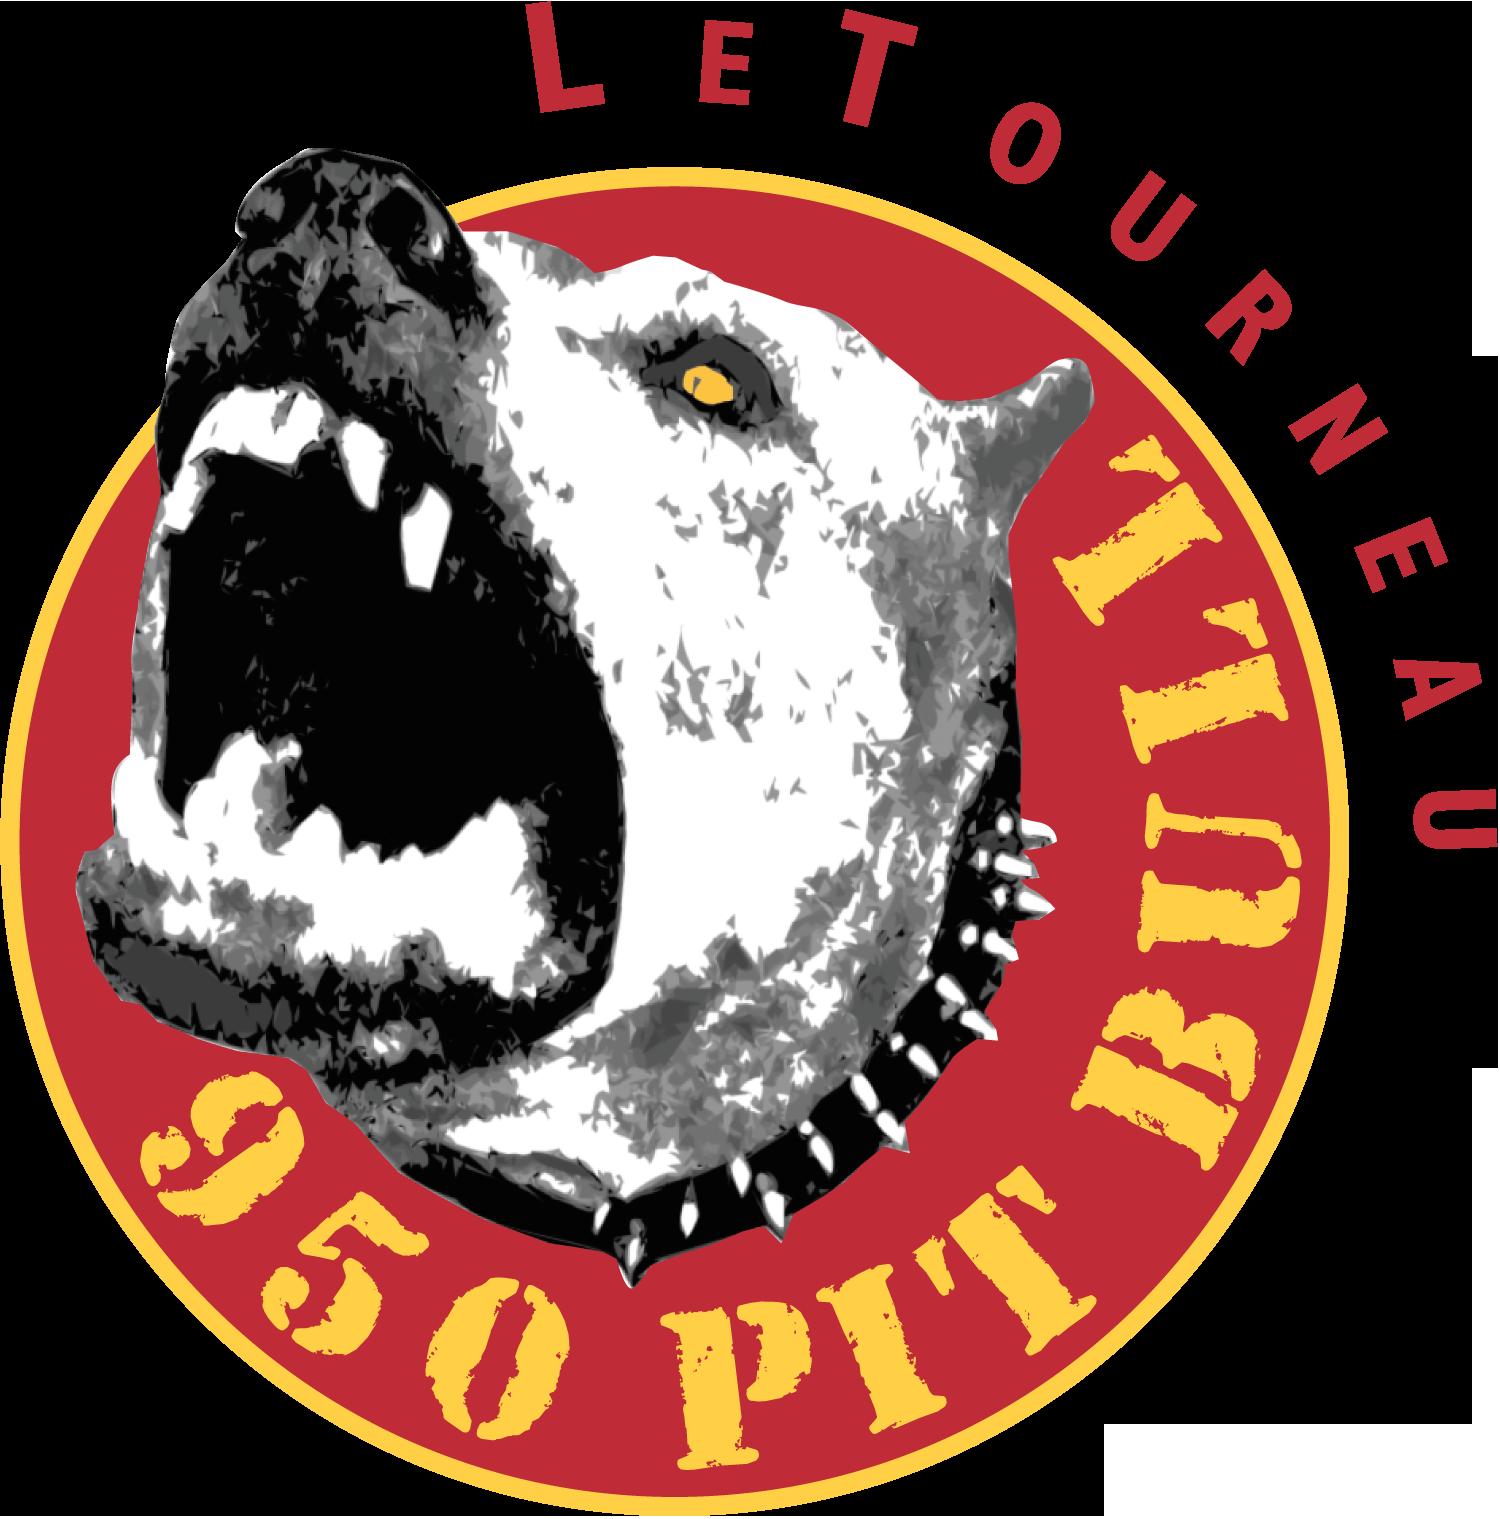 LeTourneau, Inc.